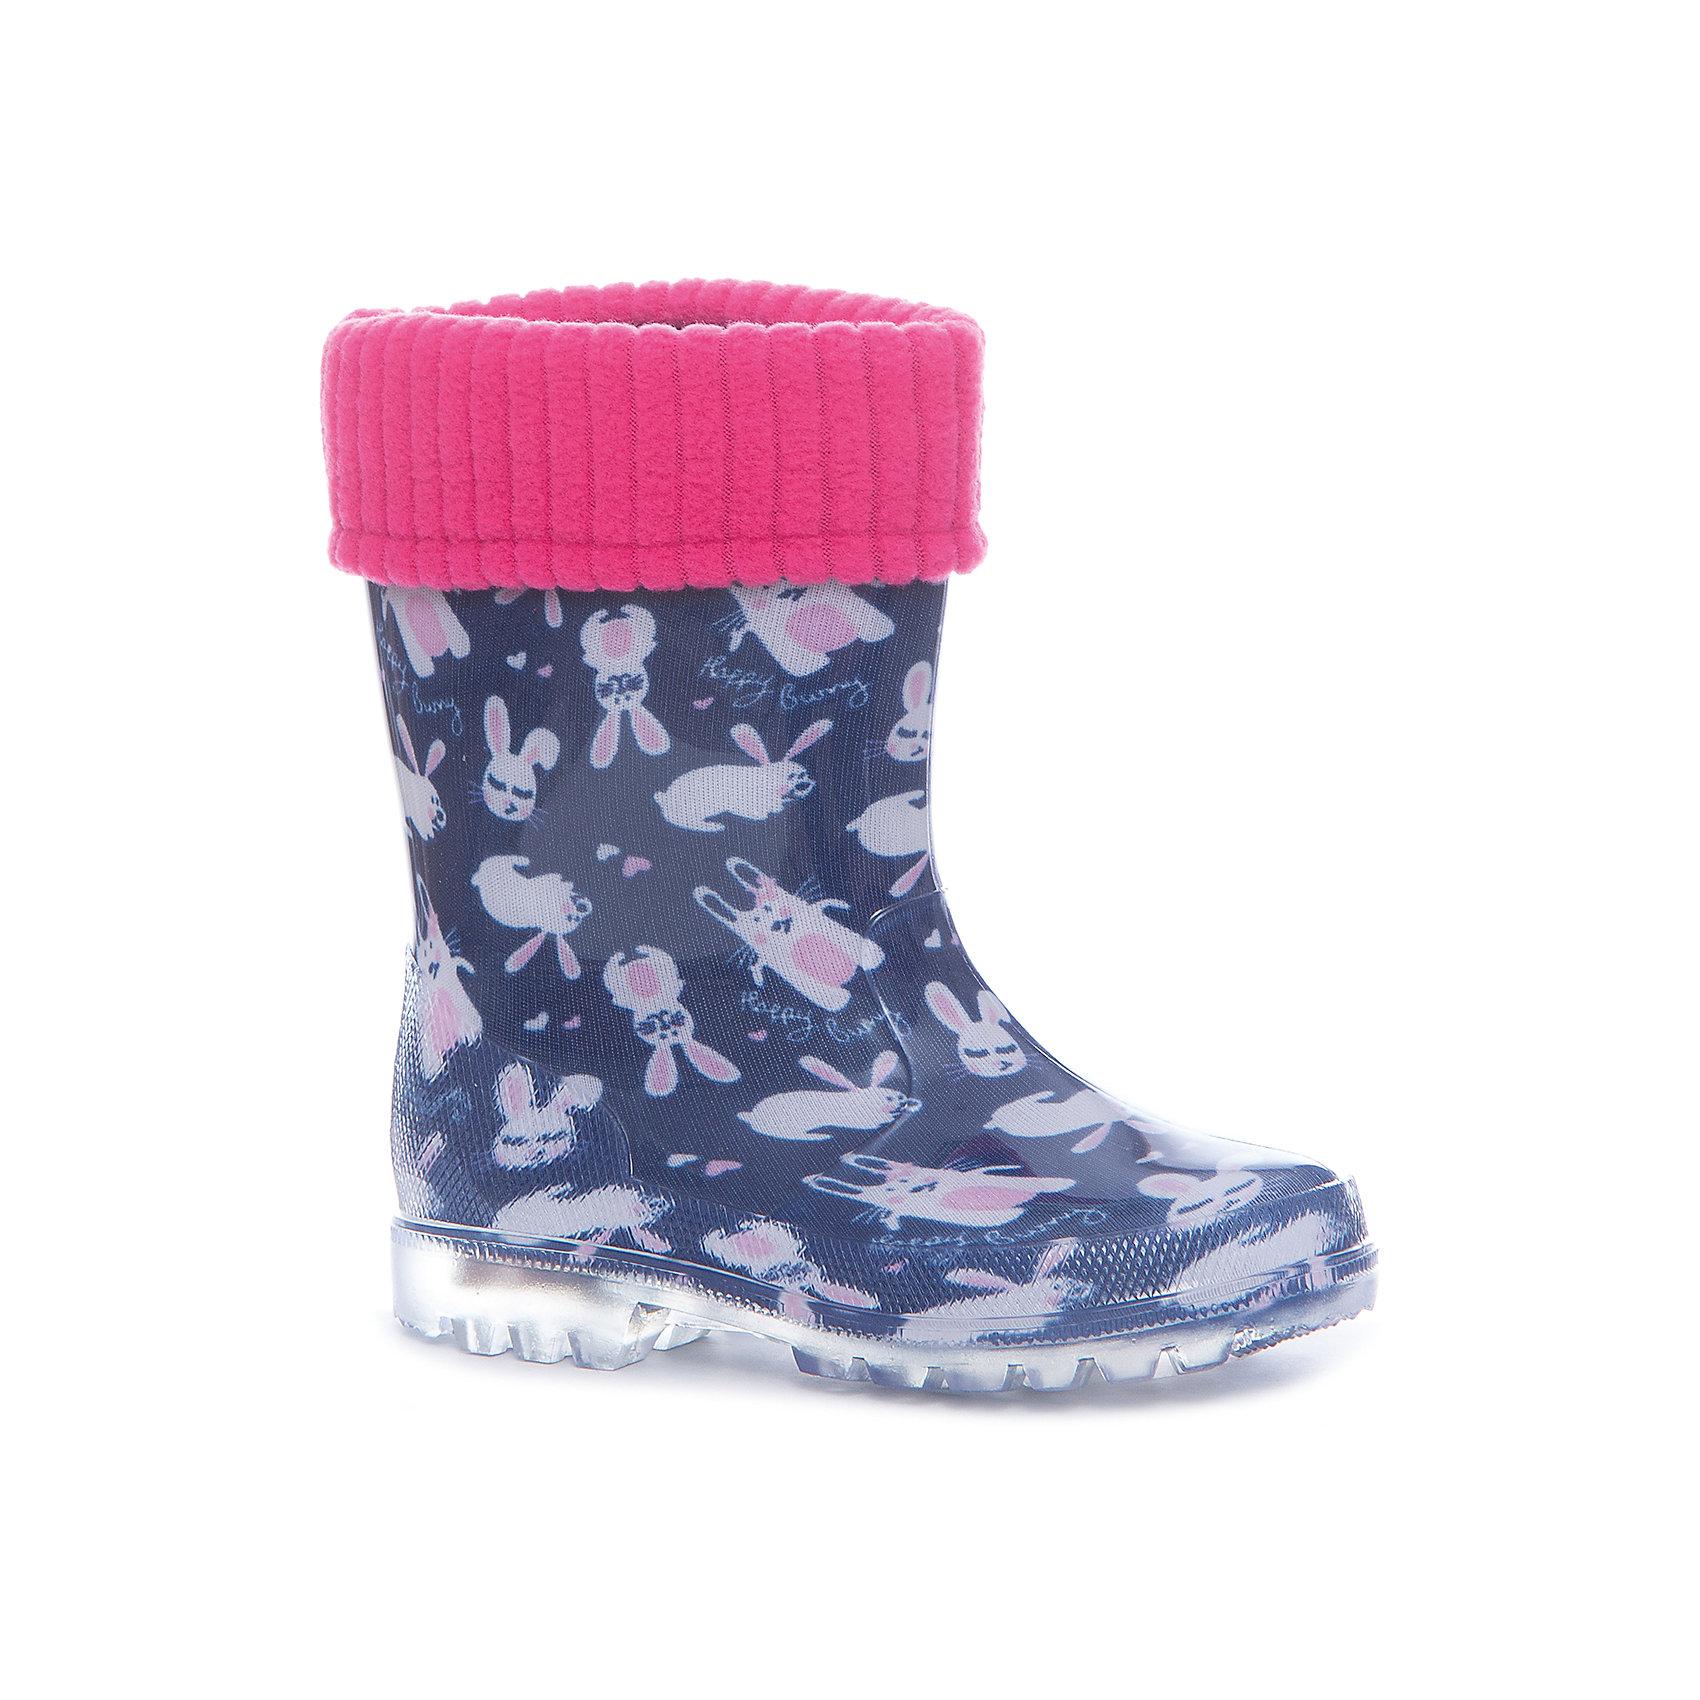 Резиновые сапоги  для девочки KAPIKAРезиновые сапоги<br>Характеристики товара:<br><br>• цвет: тёмно-синий<br>• внешний материал: ПВХ<br>• внутренний материал: утеплённый текстиль<br>• стелька: утеплённый текстиль<br>• подошва: ПВХ<br>• температурный режим: от +5°до +20°С<br>• резиновые сапоги со светодиодами в подошве<br>• съёмный внутренний сапожок<br>• сапоги можно носить как с вложенным сапожком, так и без него<br>• небольшой каблук<br>• не скользят<br>• рельефная подошва<br>• устойчивая подошва<br>• страна бренда: Российская Федерация<br>• страна изготовитель: Китай<br><br>Когда на улице сыро, резиновые сапоги - необходимый атрибут для ребенка. Эта модель отличается удобной формой, вынимающейся подкладкой и устойчивой нескользящей подошвой - так ноги точно останутся в сухости и тепле.<br><br>Резиновые сапоги от российского бренда Kapika (Капика) можно купить в нашем интернет-магазине.<br><br>Ширина мм: 237<br>Глубина мм: 180<br>Высота мм: 152<br>Вес г: 438<br>Цвет: синий<br>Возраст от месяцев: 36<br>Возраст до месяцев: 48<br>Пол: Женский<br>Возраст: Детский<br>Размер: 27,30,25,26,28,29<br>SKU: 5324303